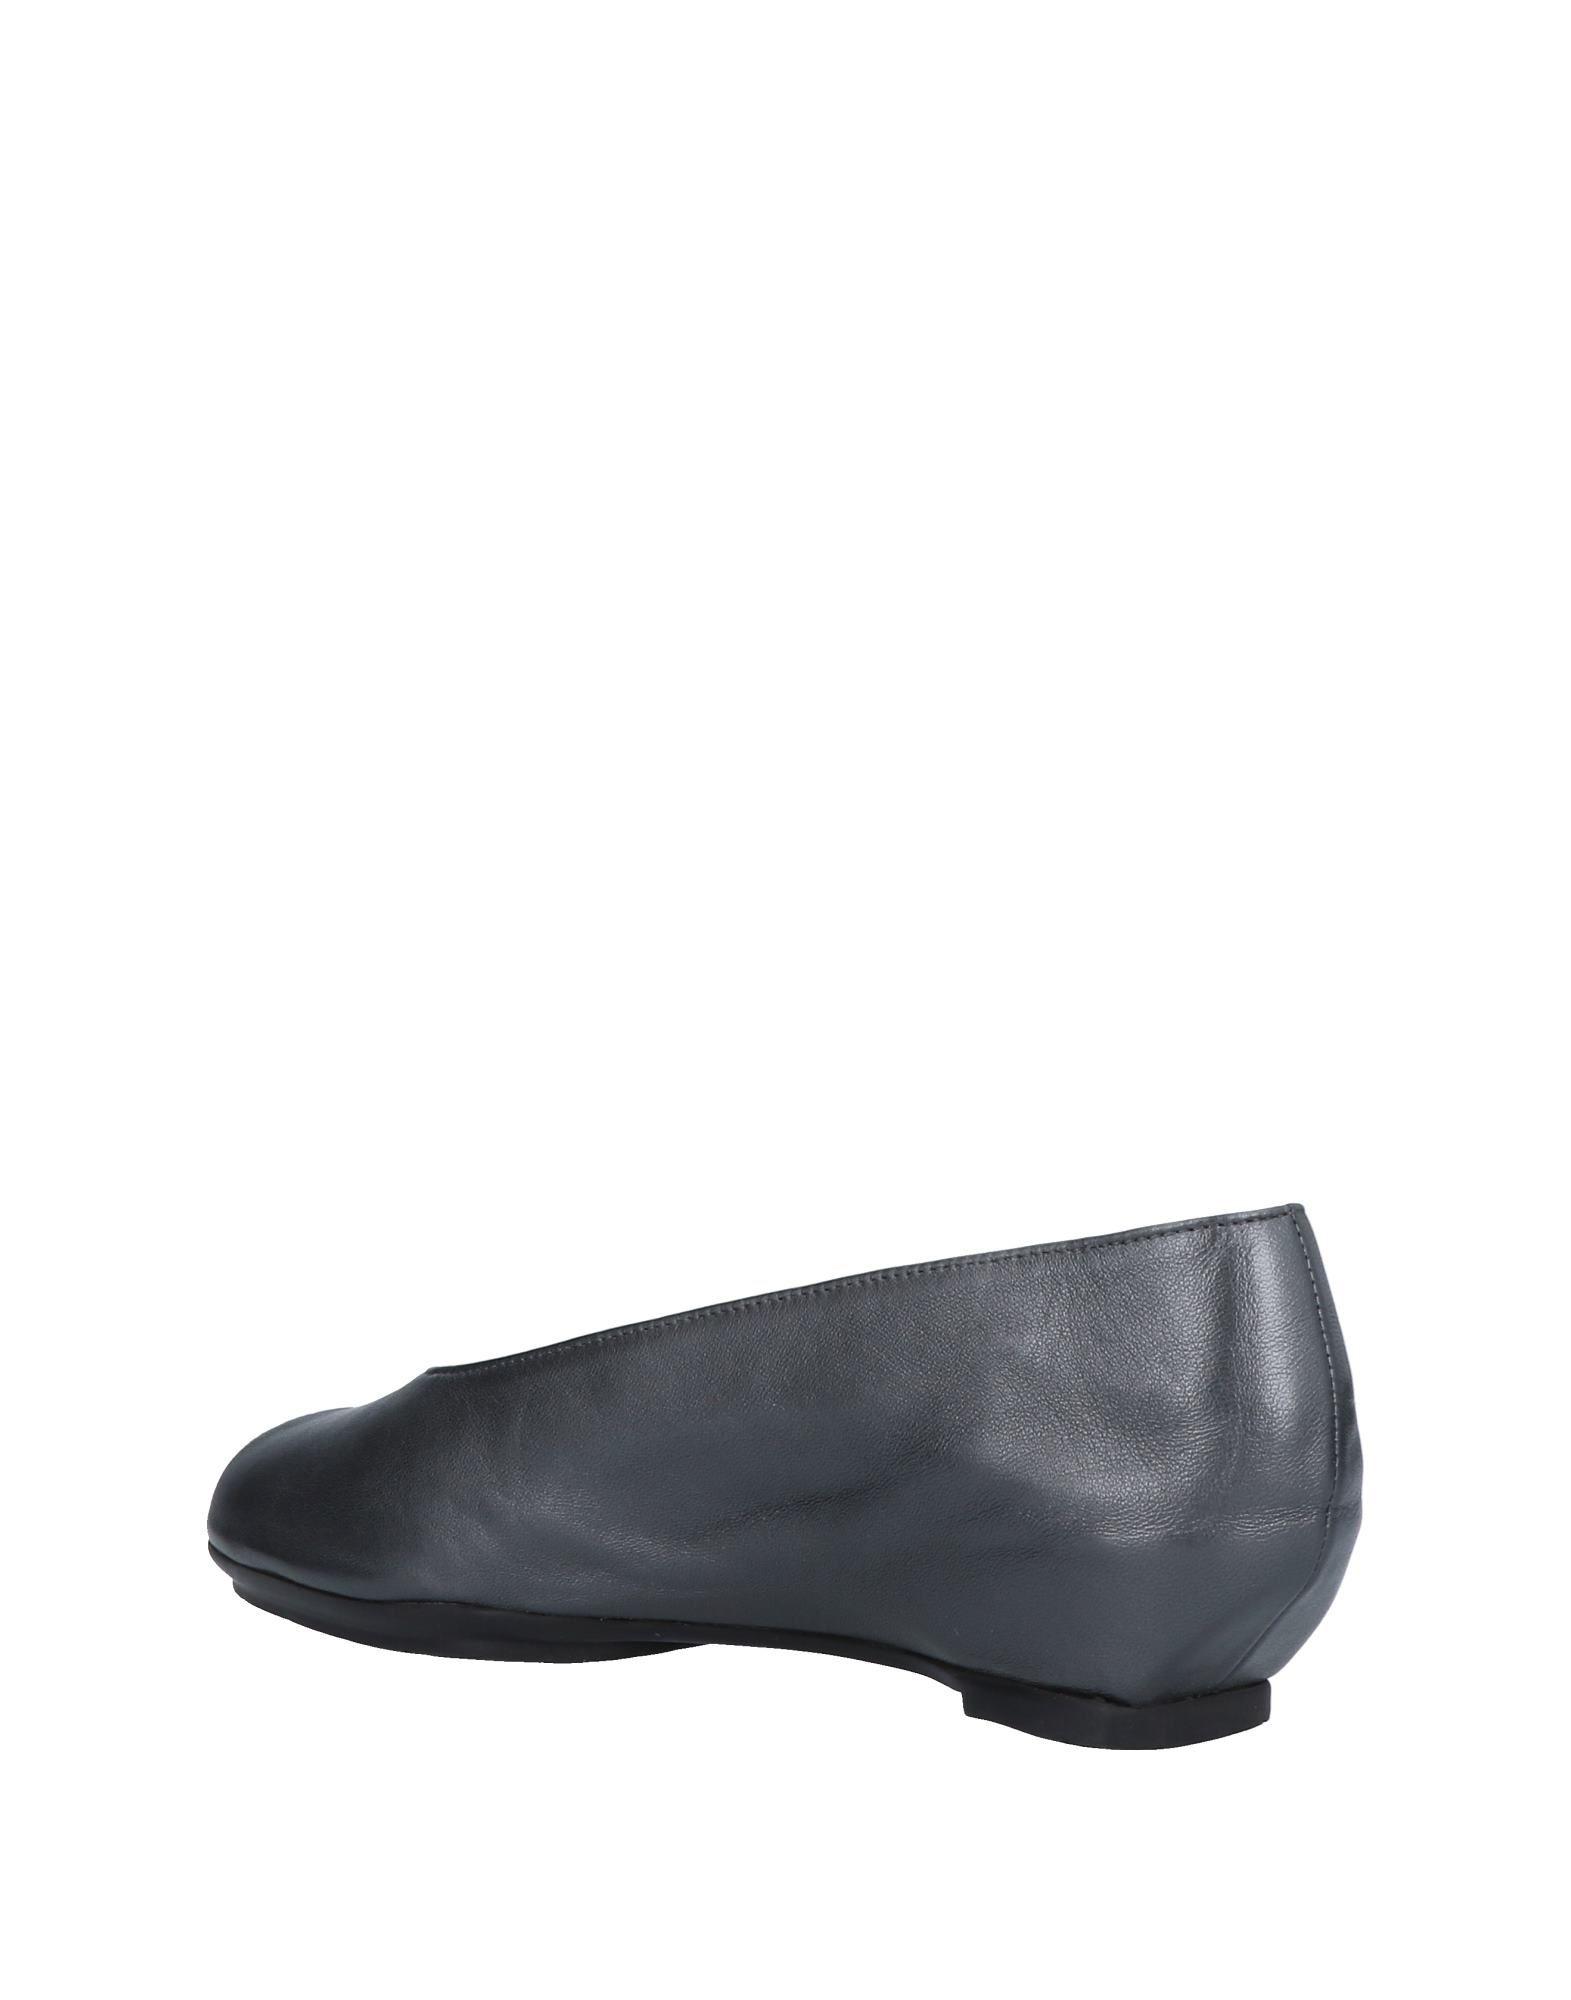 Stilvolle billige Schuhe Thierry 11462881DU Rabotin Pumps Damen  11462881DU Thierry 1c296b